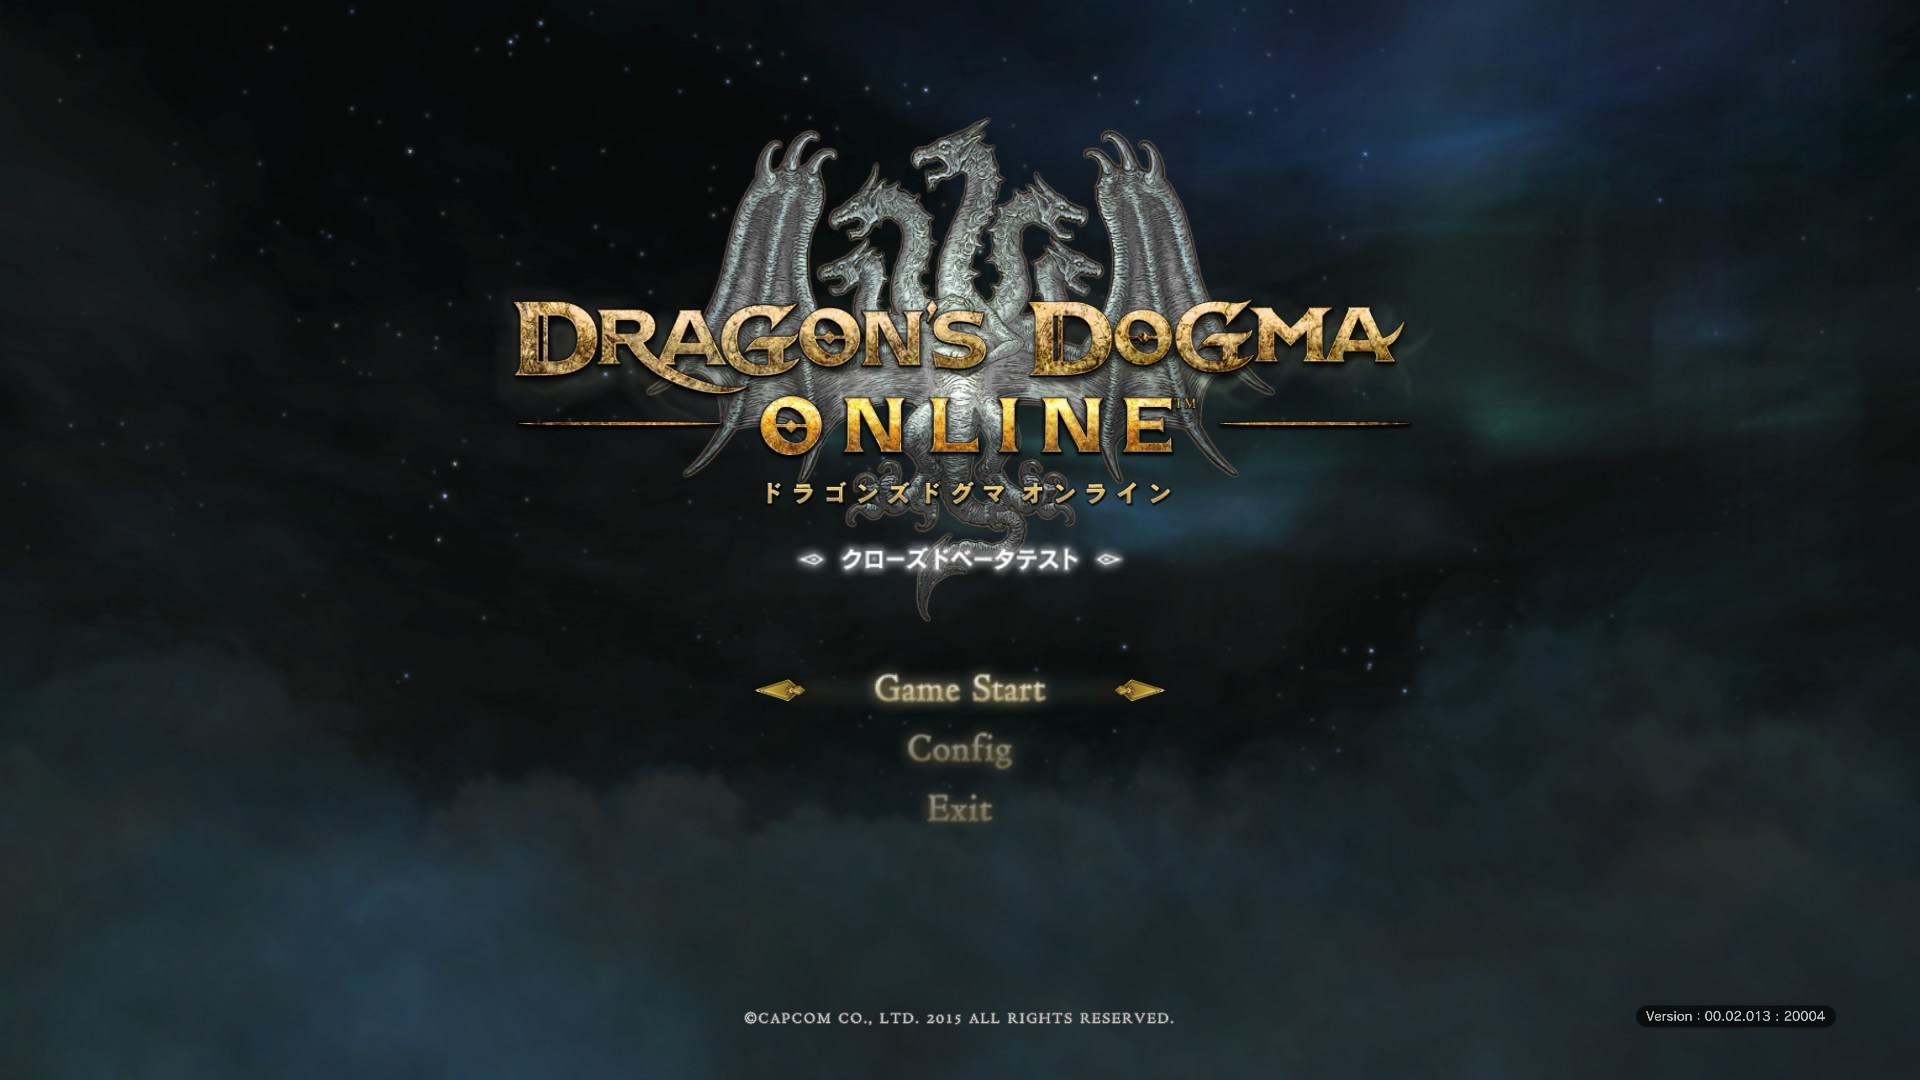 ドラゴンズドグマ オンライン_20150809004822